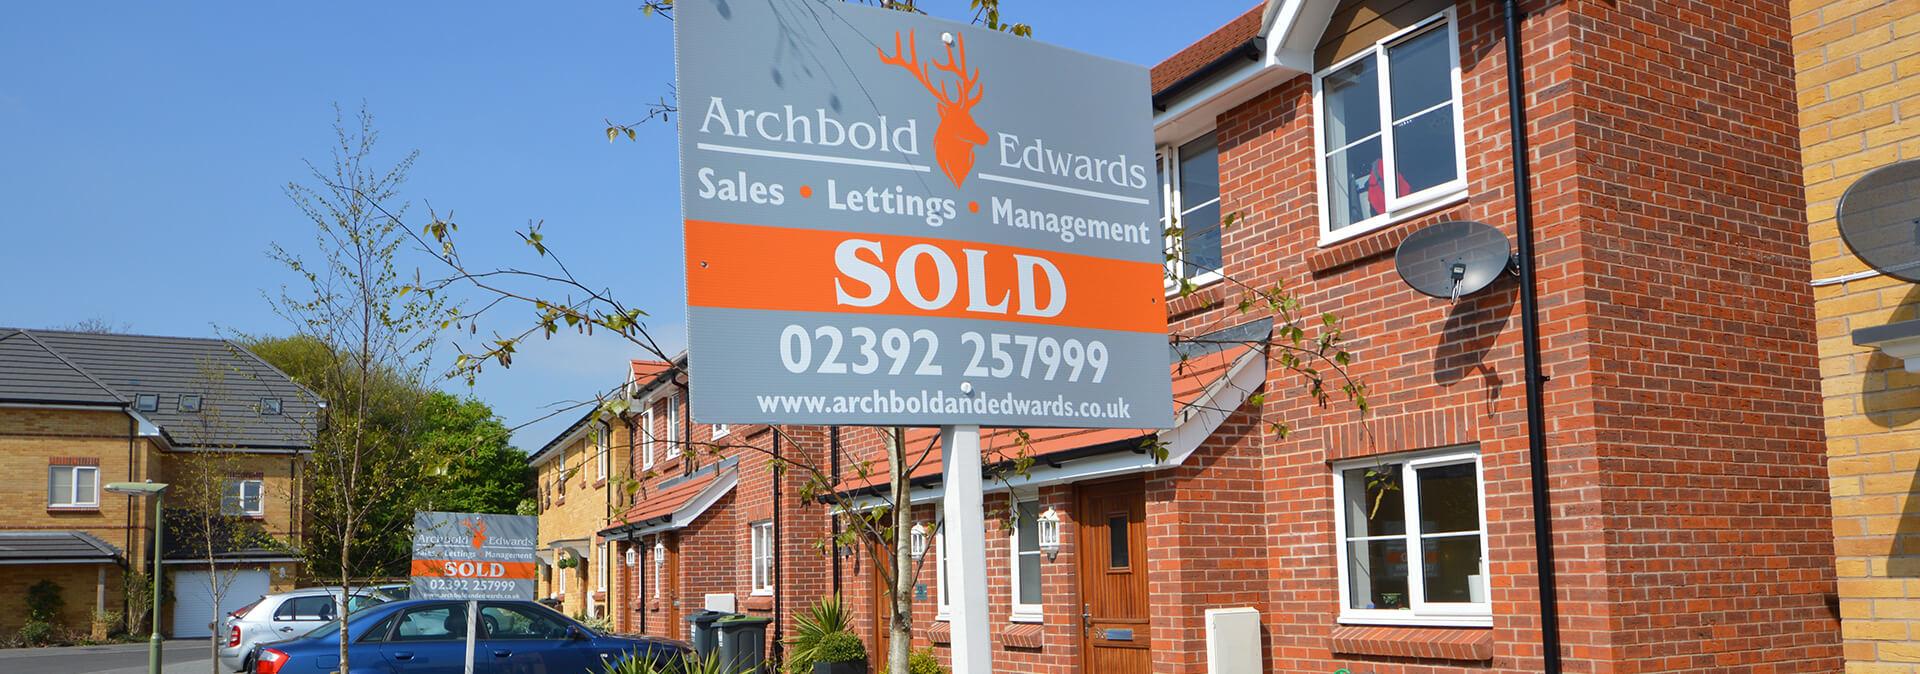 Archbold & Edwards sold boards